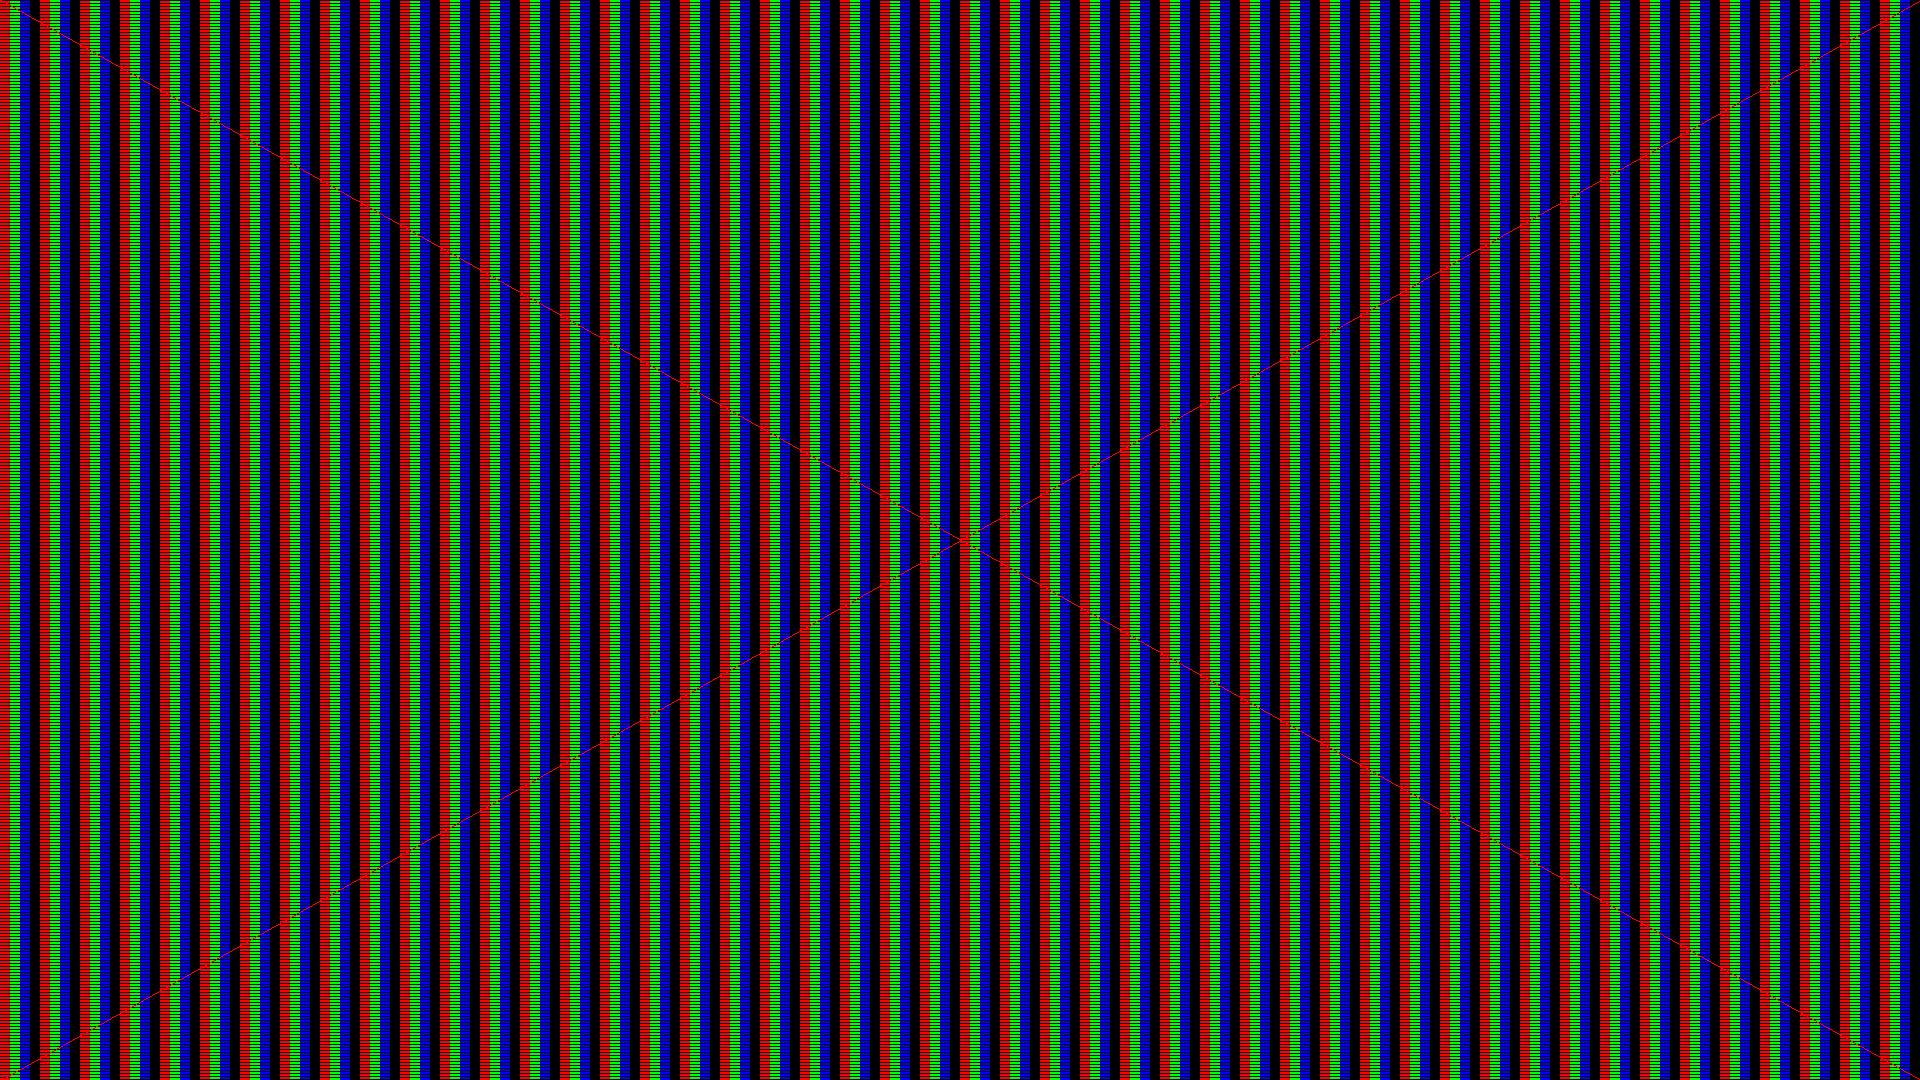 tvpixel_4.jpg